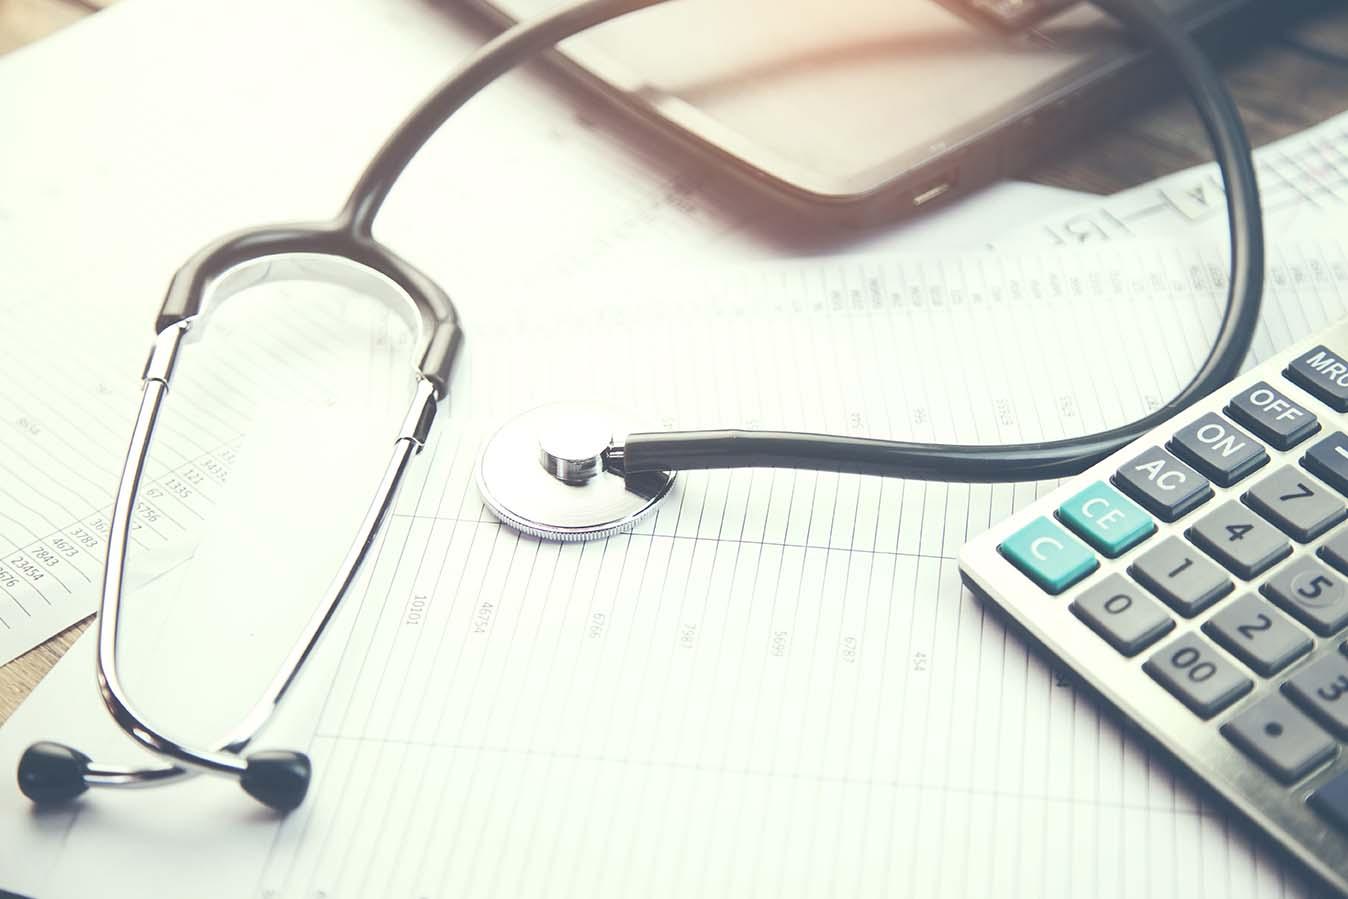 Assurance pas chere : comment souscrire à une assurance pas chère ?